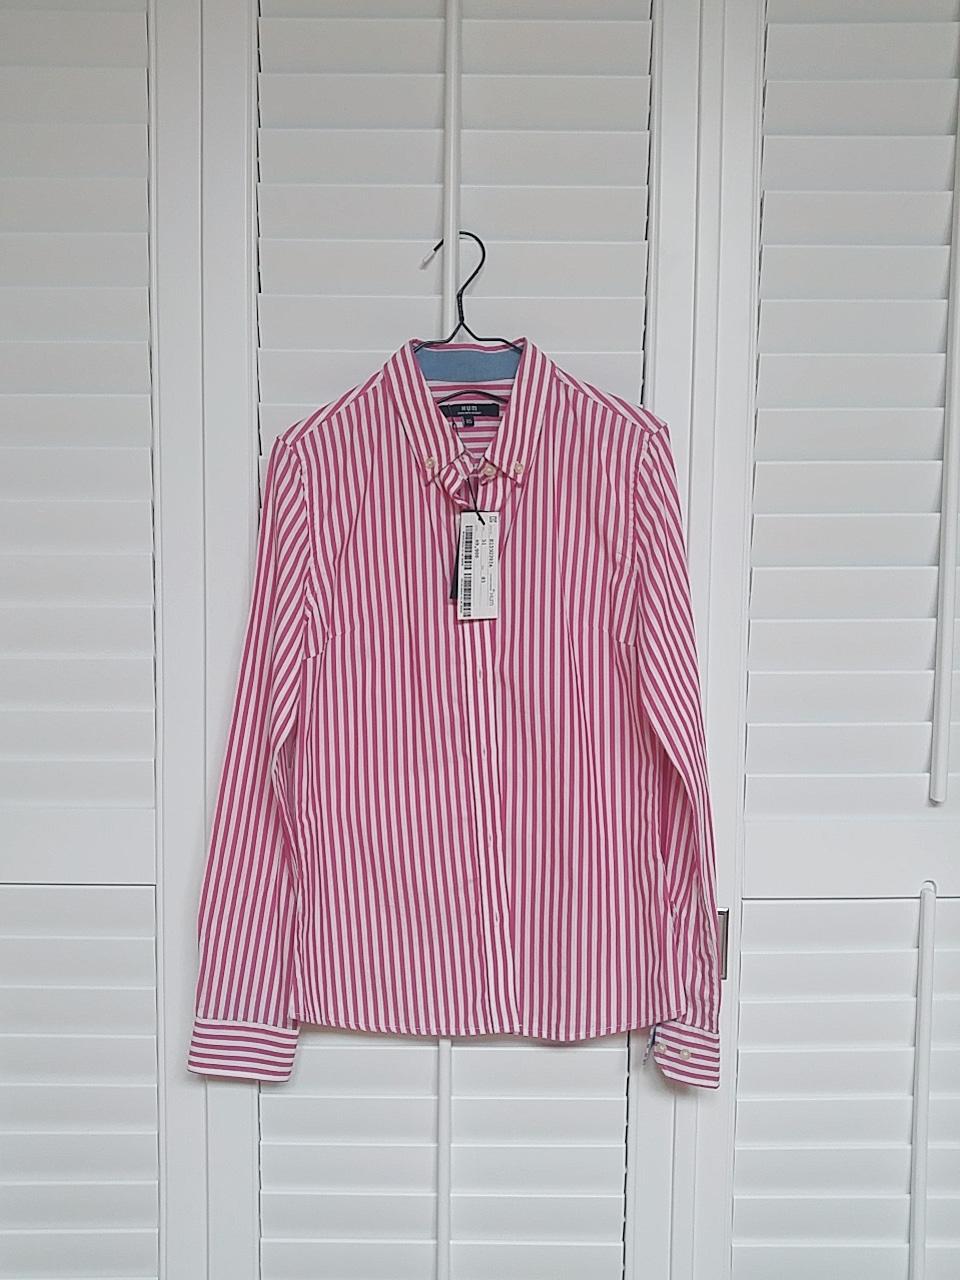 새옷)가격내림9000☞7000 흄 줄무늬 셔츠55